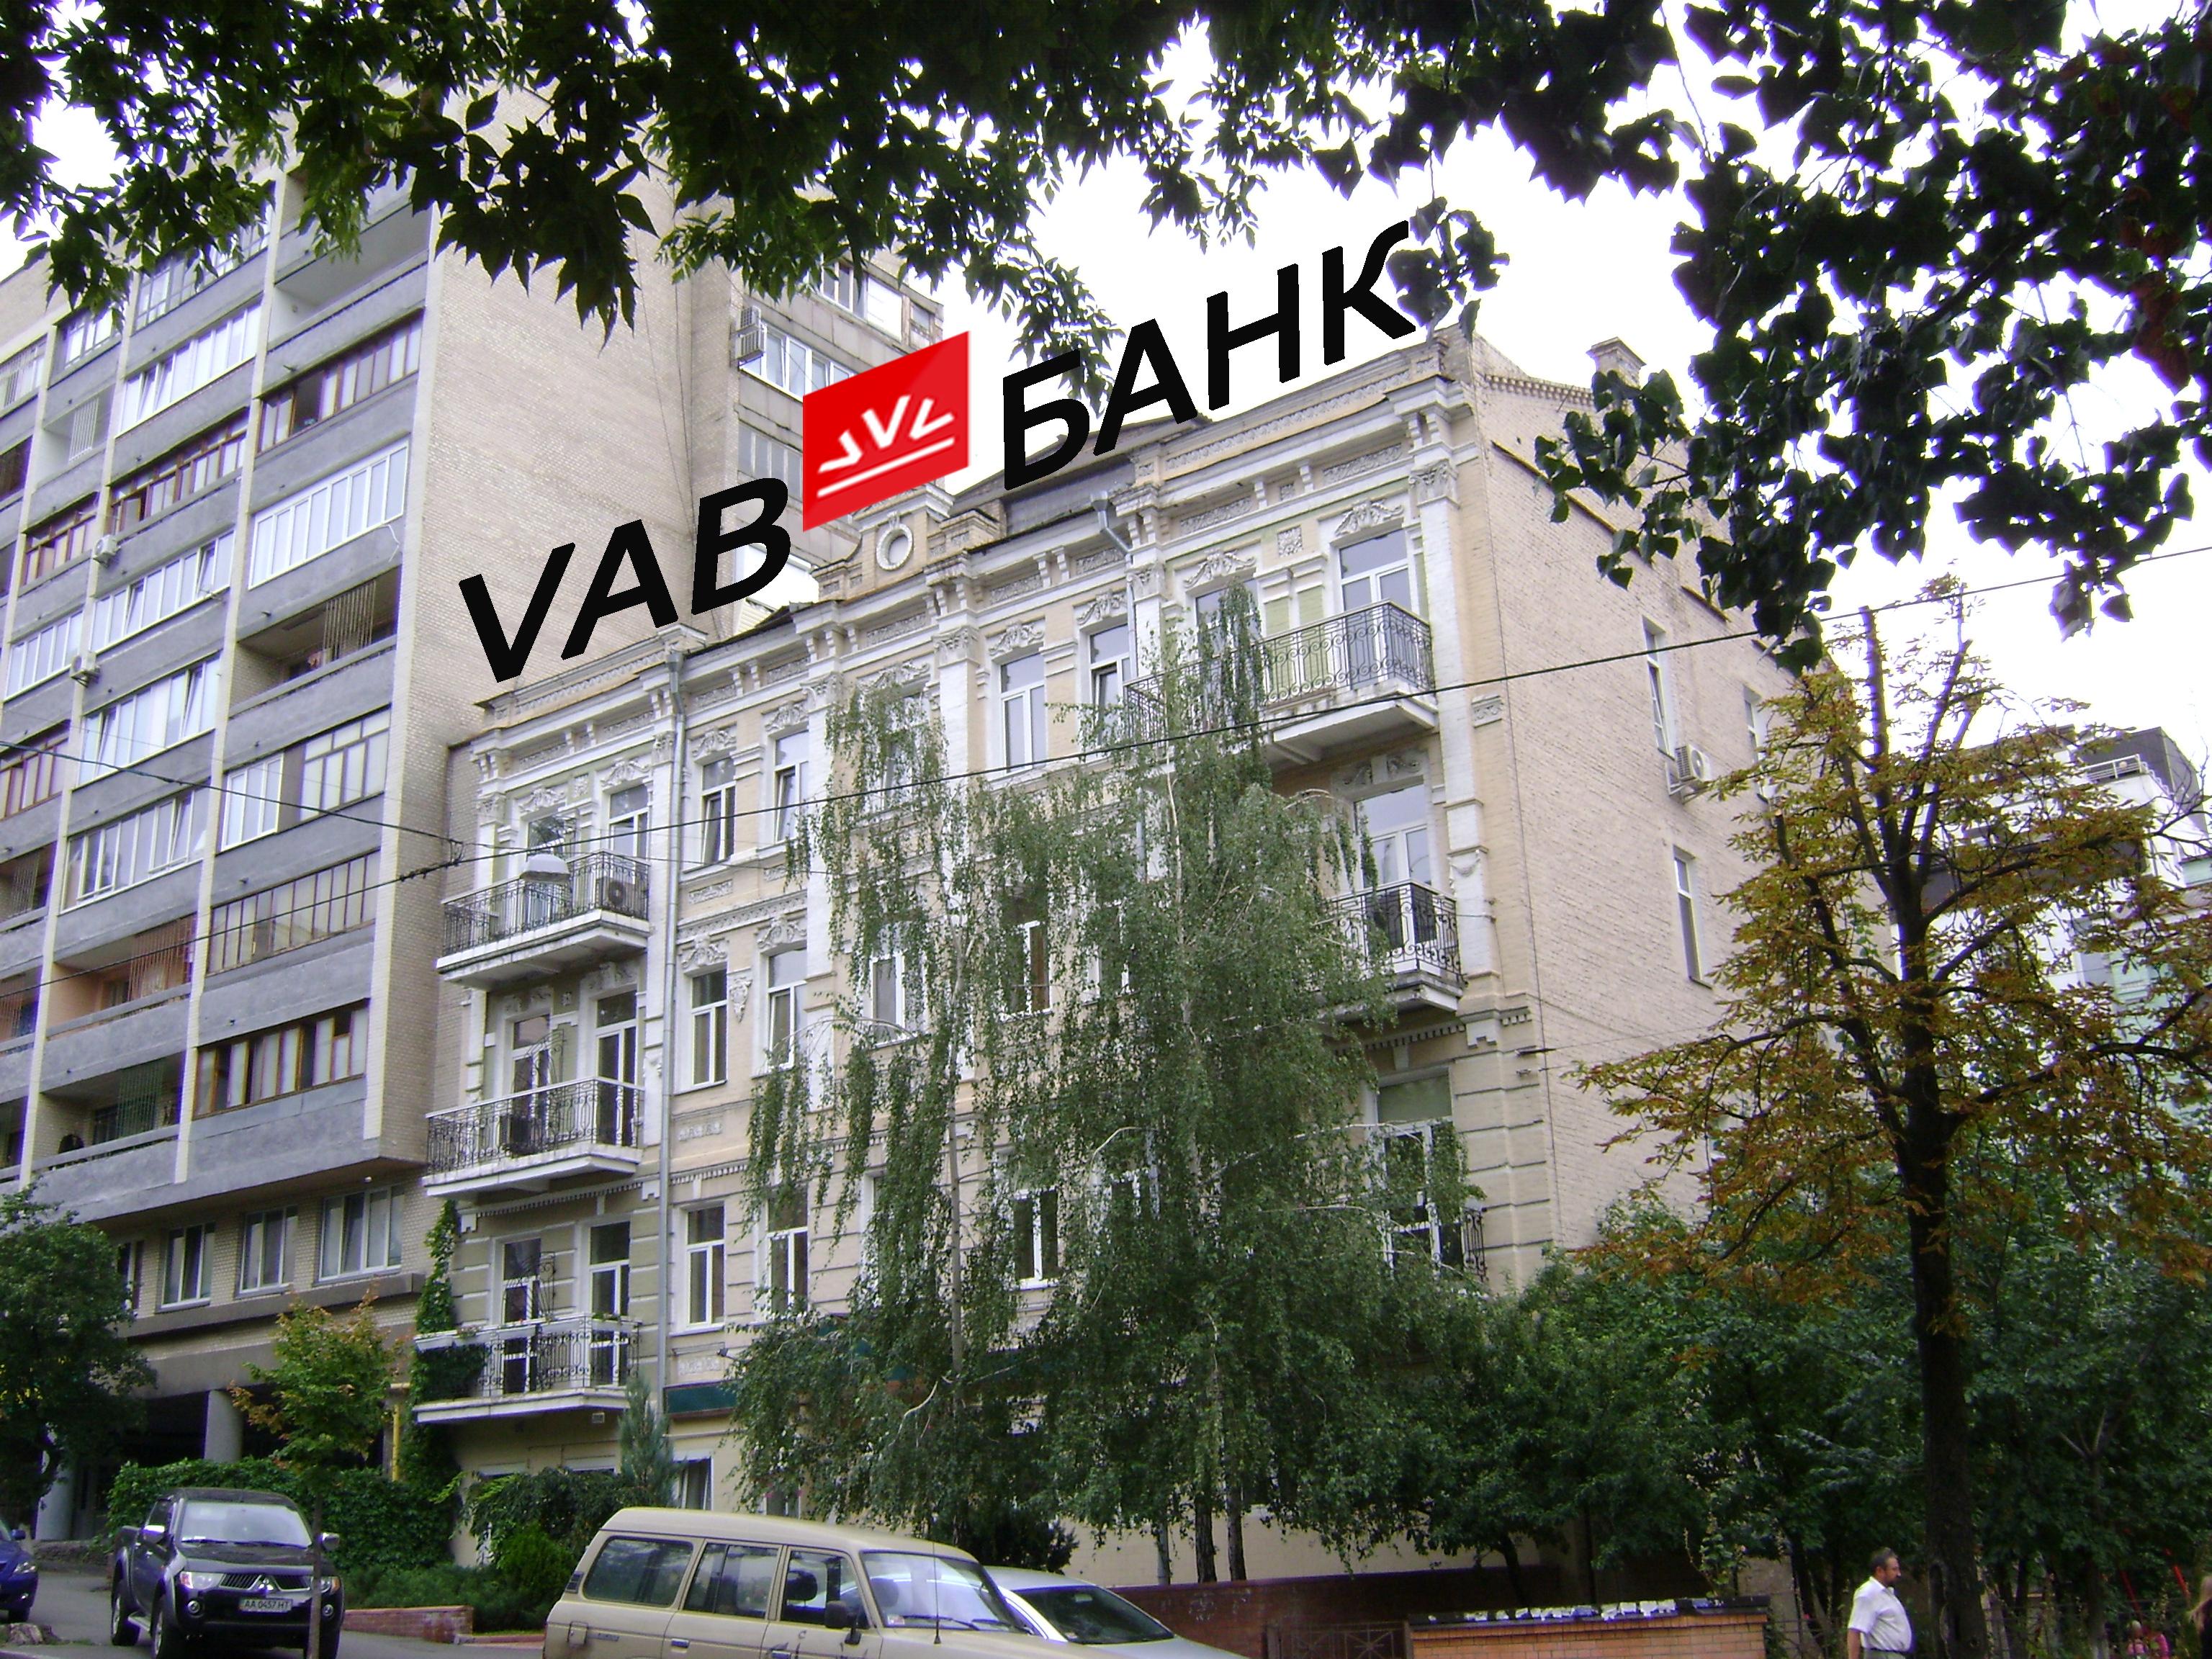 Дизайн накрышной рекламной конструкции для VAB Банк